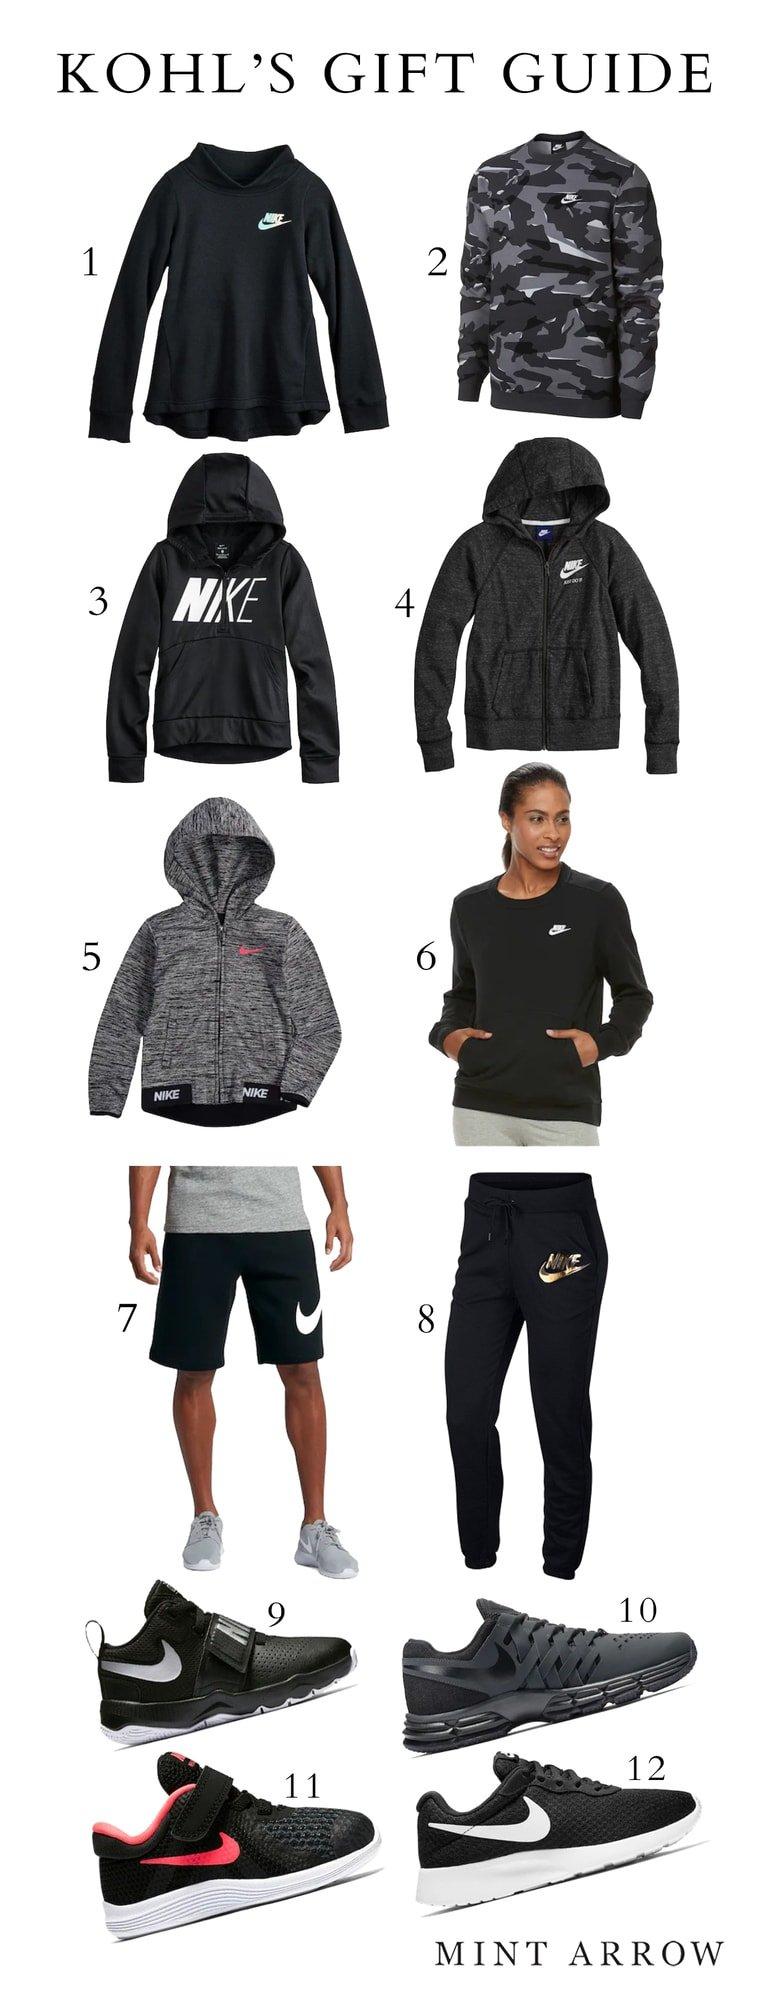 HOT! Nike deals